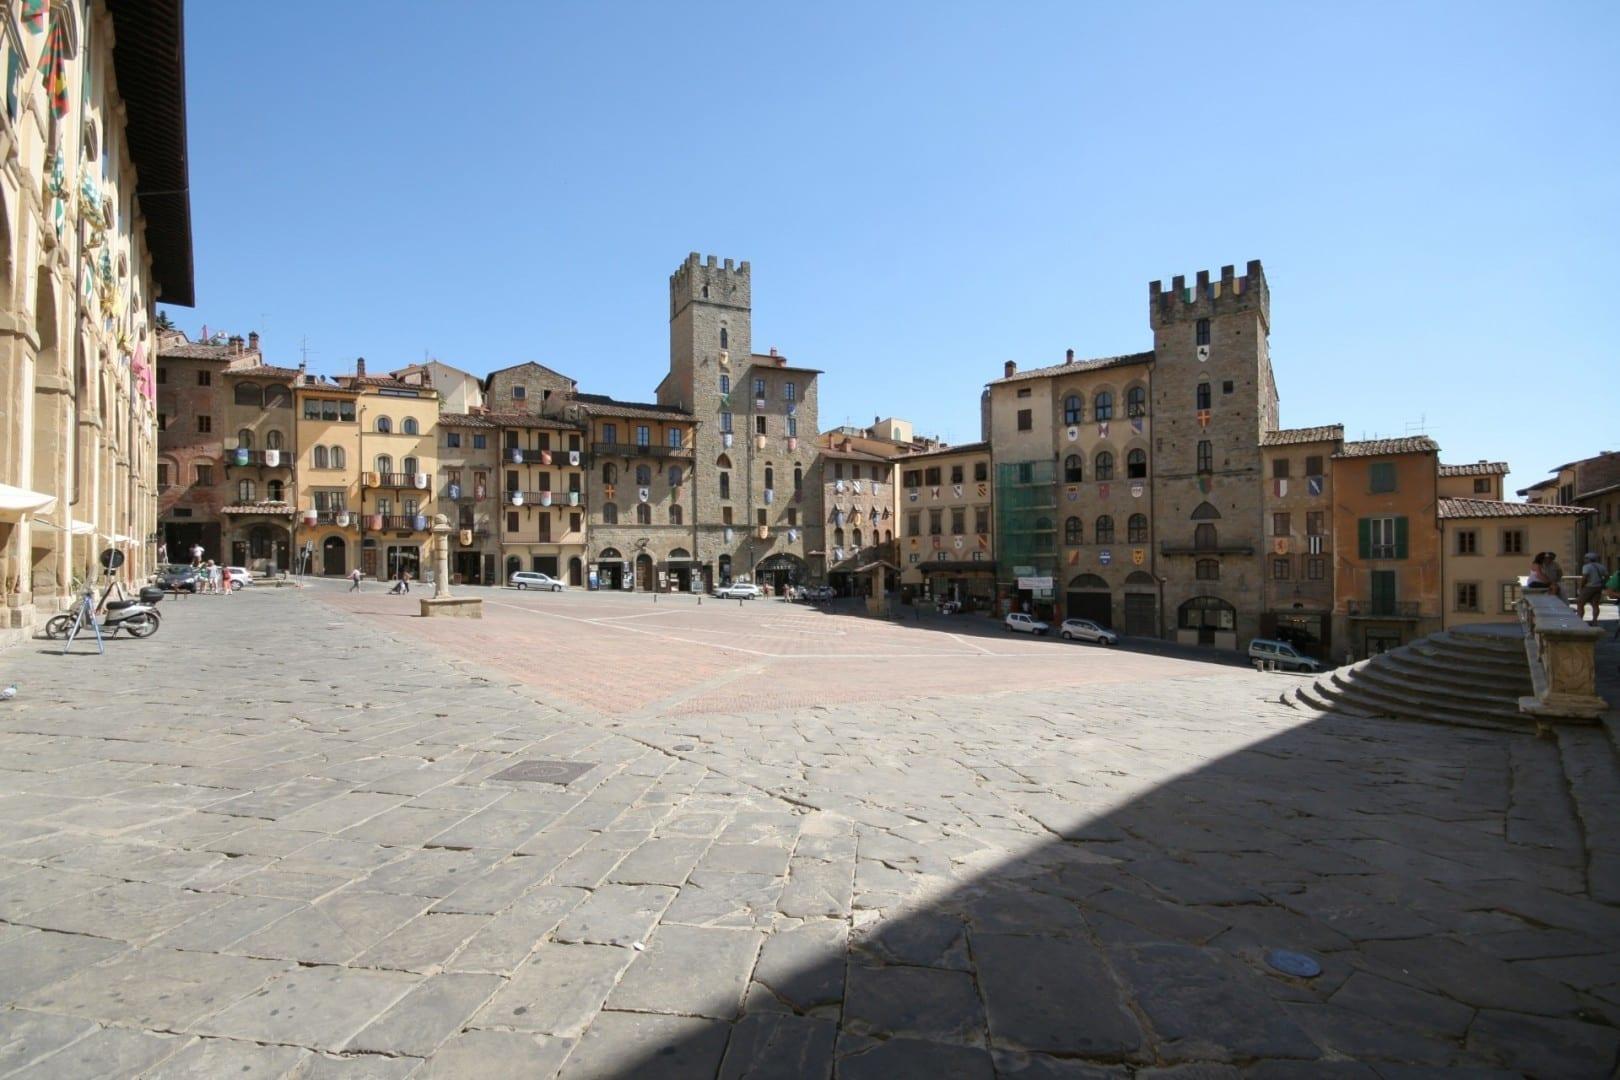 Piazza Grande - Centro histórico de Arezzo Arezzo Italia